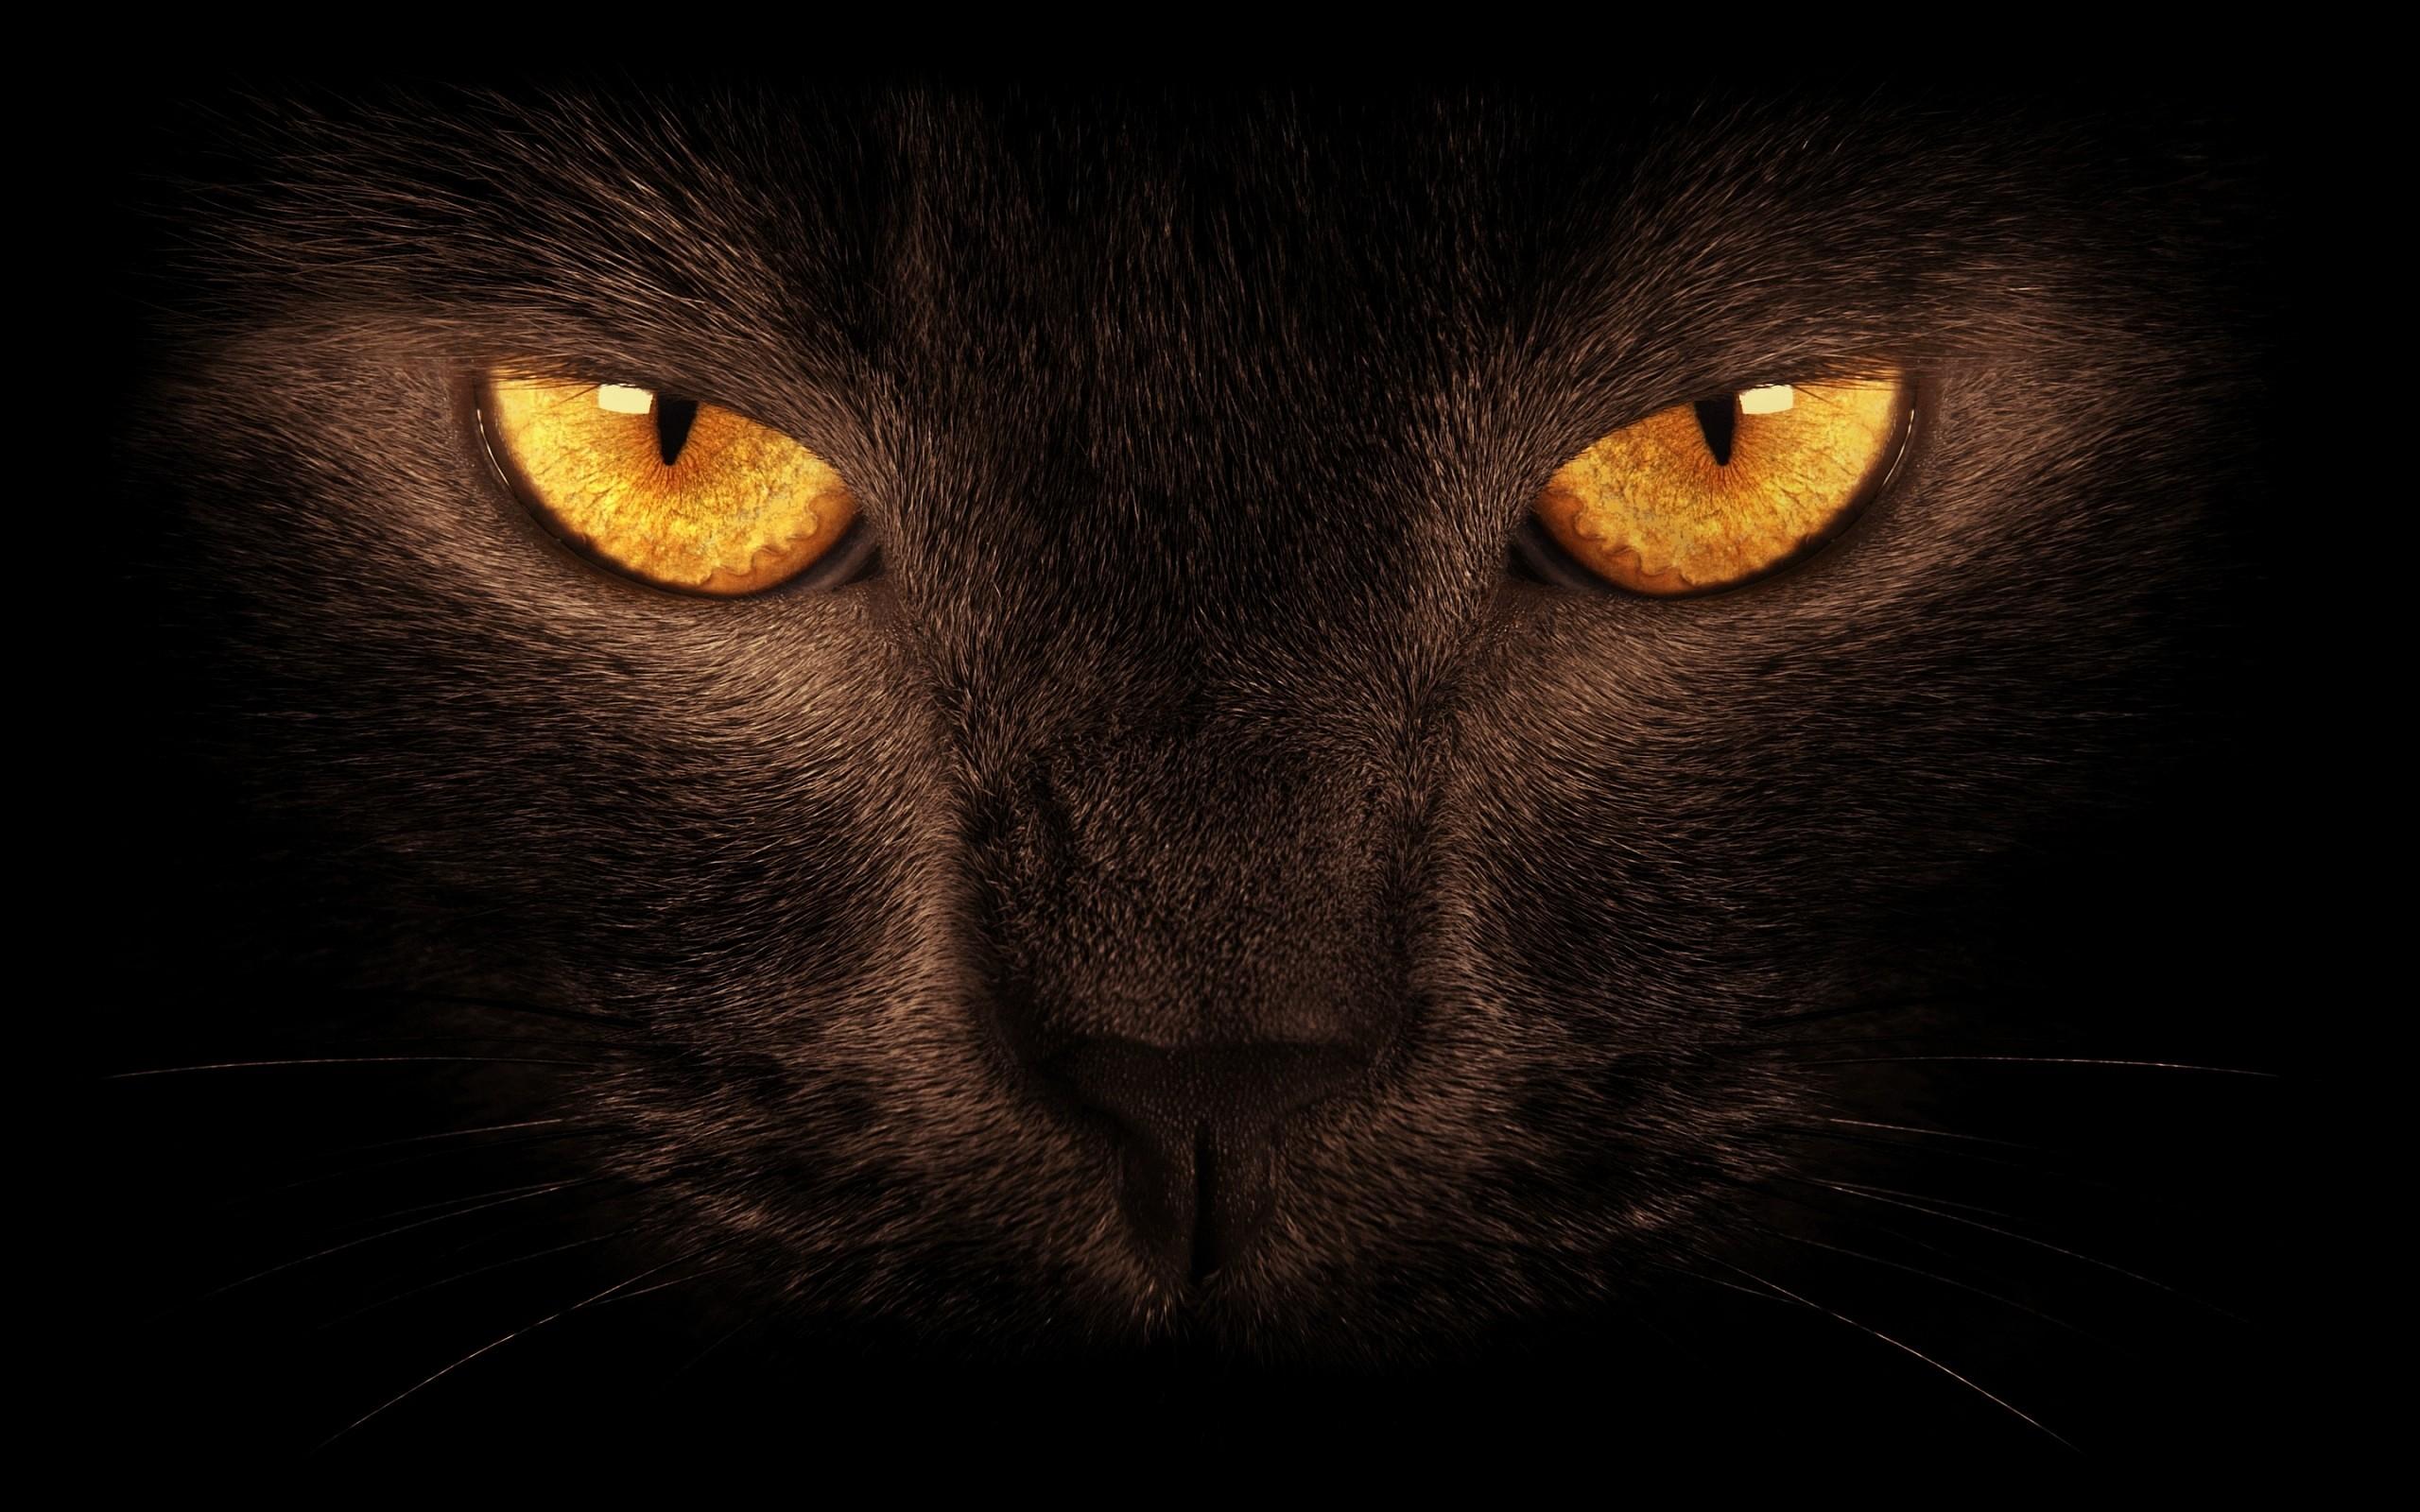 Black cat with orange eyes macro photo